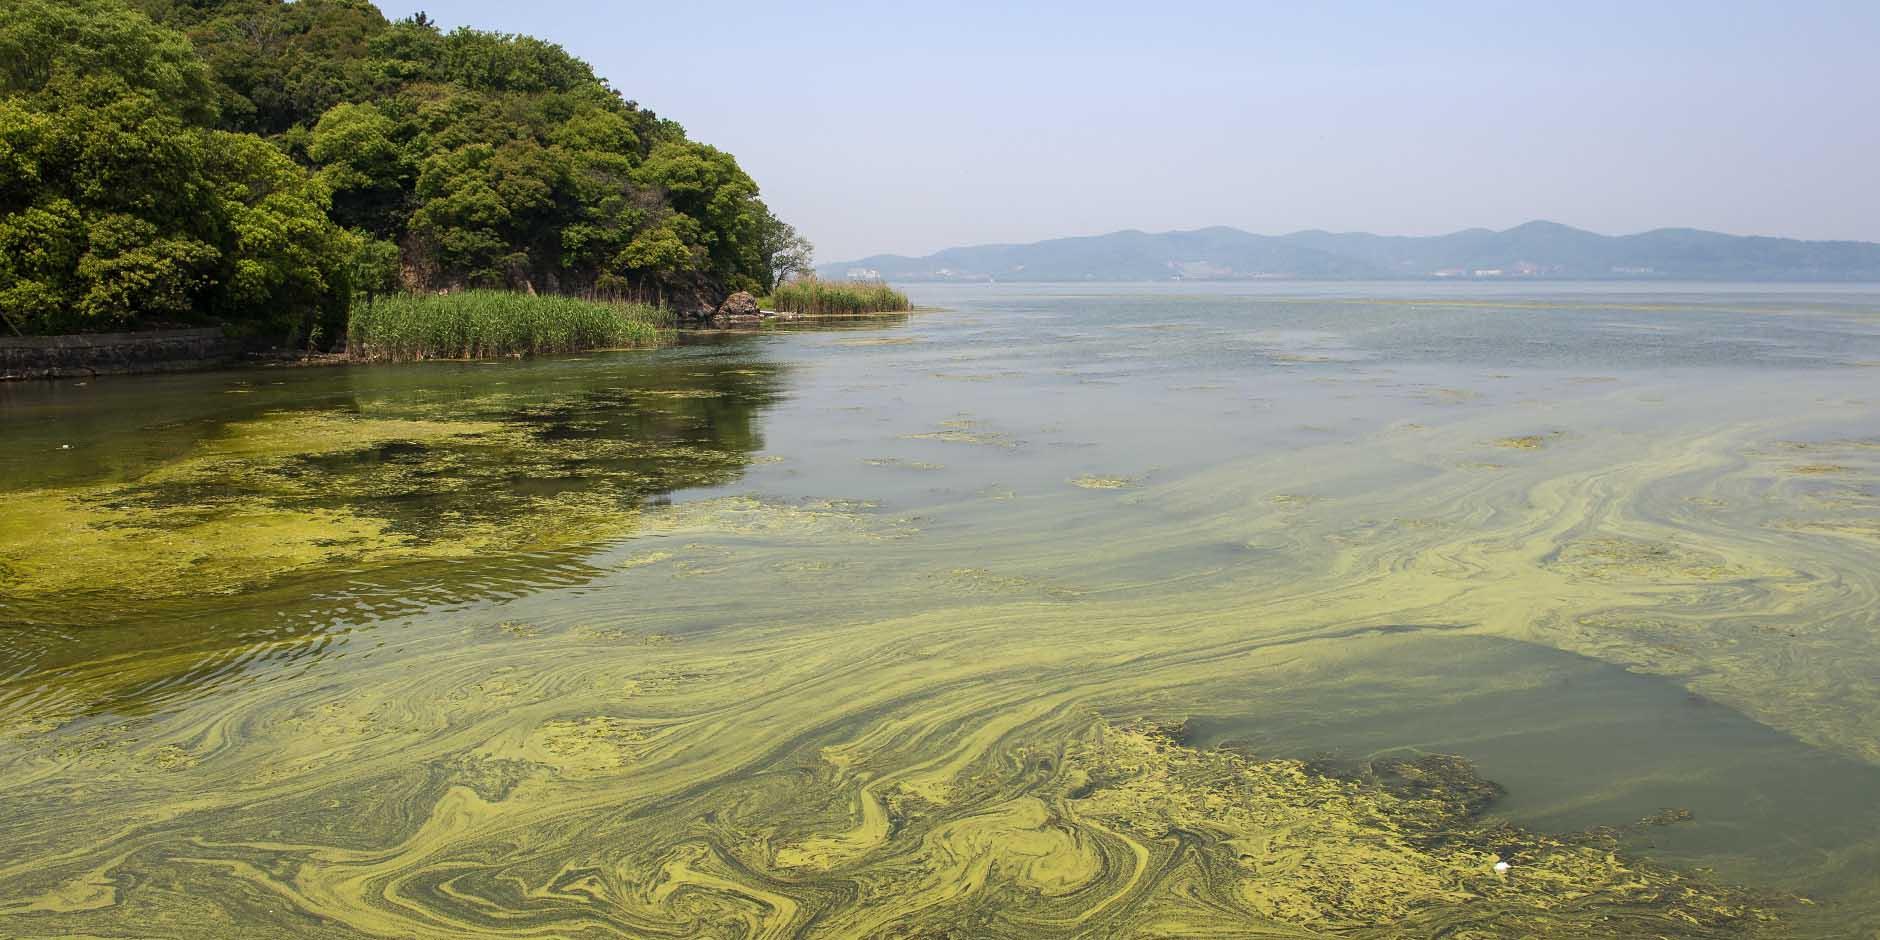 Cyanobacterial blooms